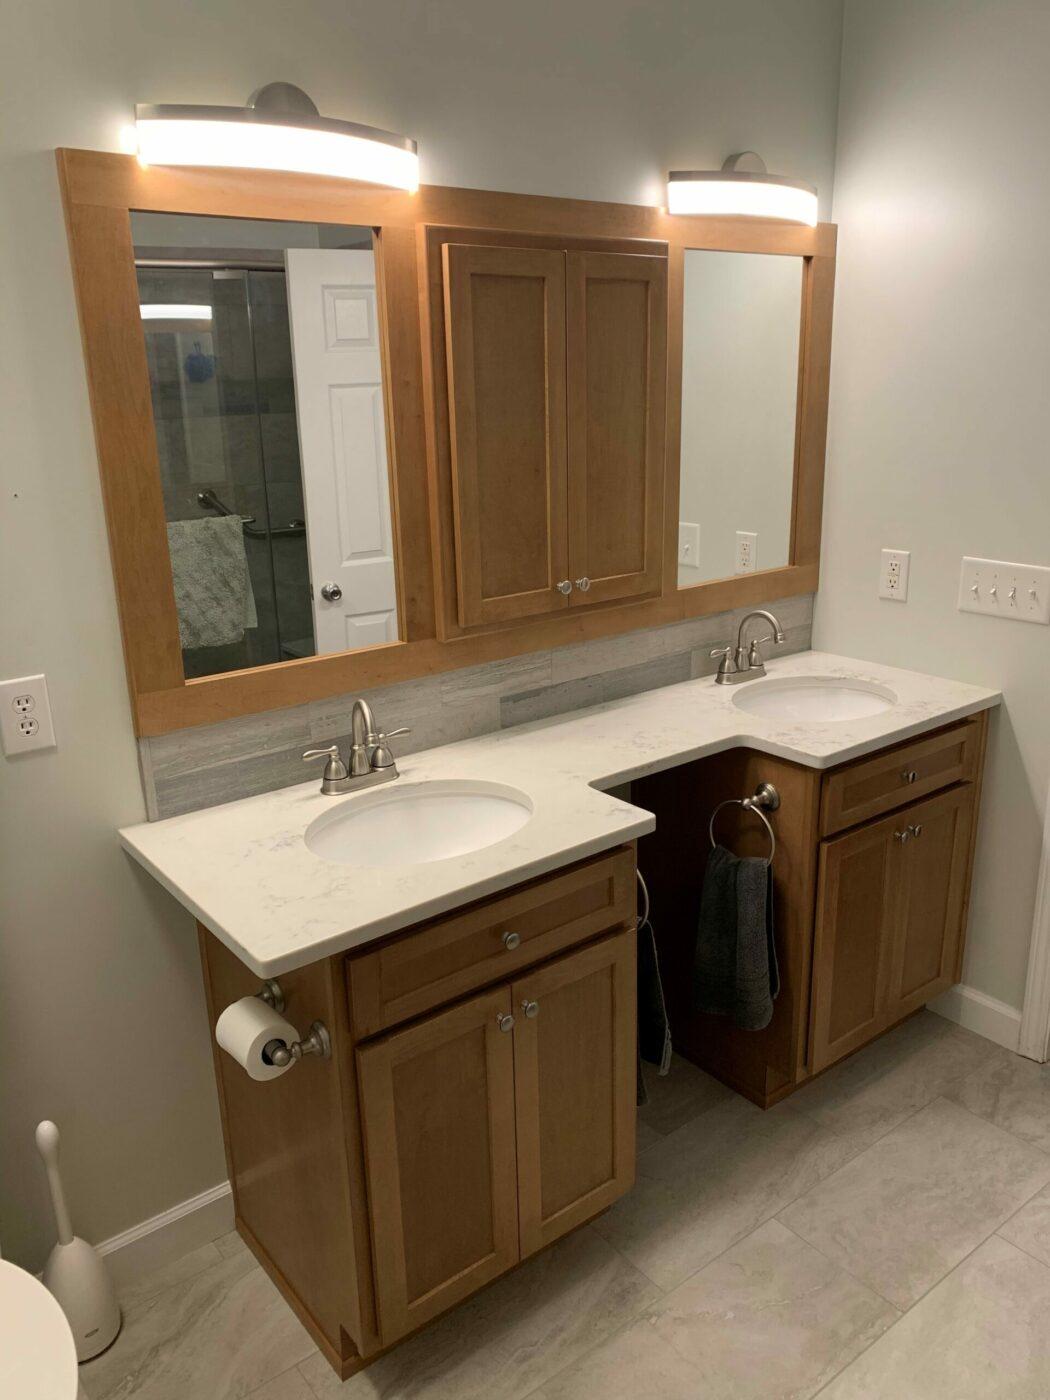 Kitchen Cabinets Raleigh Savannah Nutmeg Double Sink Quartz